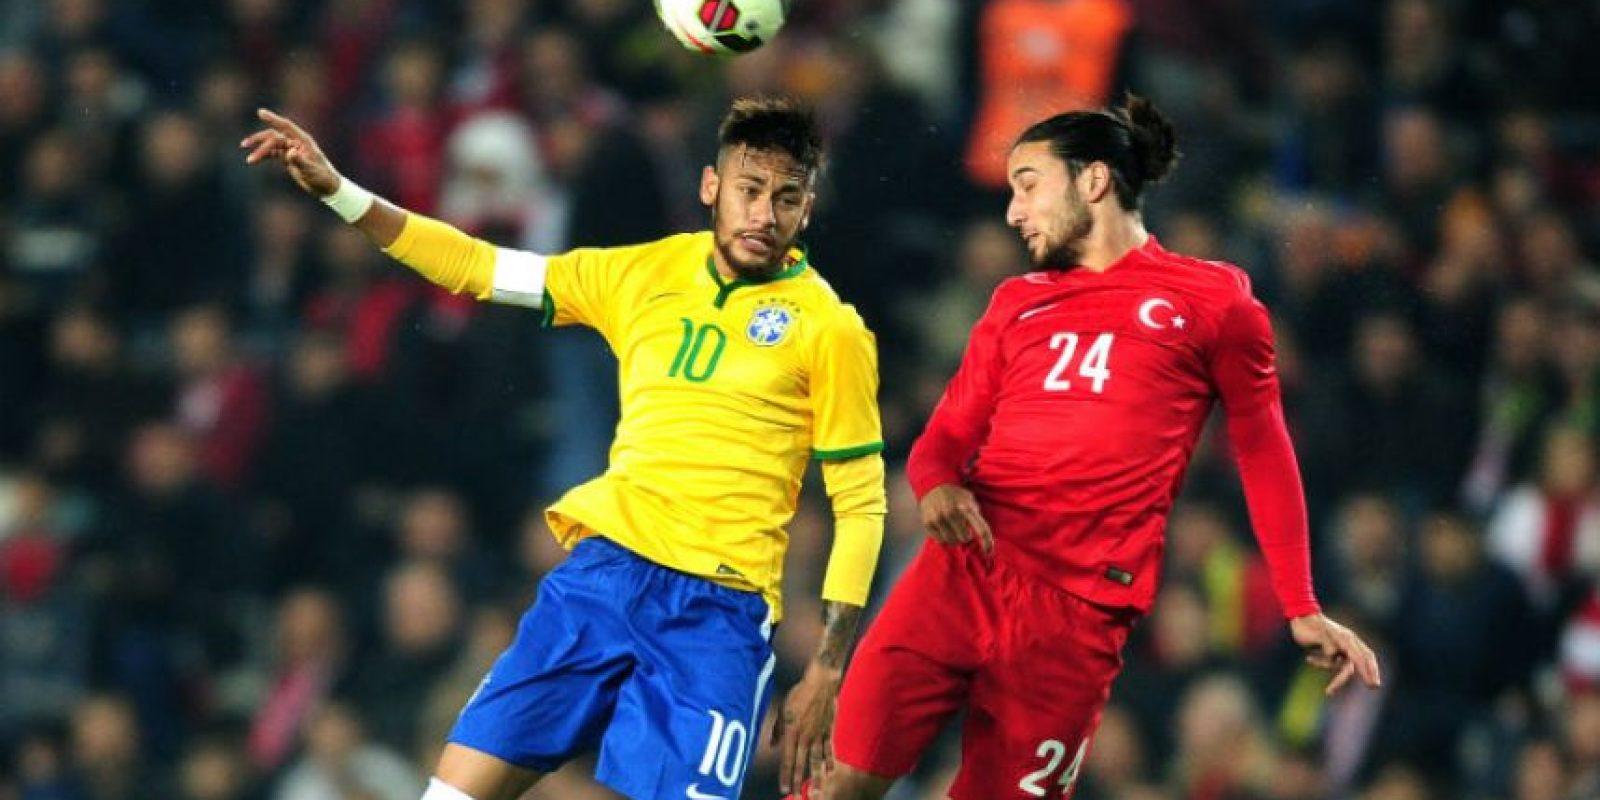 Neymar y Tarik Camdal disputan el balón, durante el amistoso entre Brasil y Turquía Foto:AFP